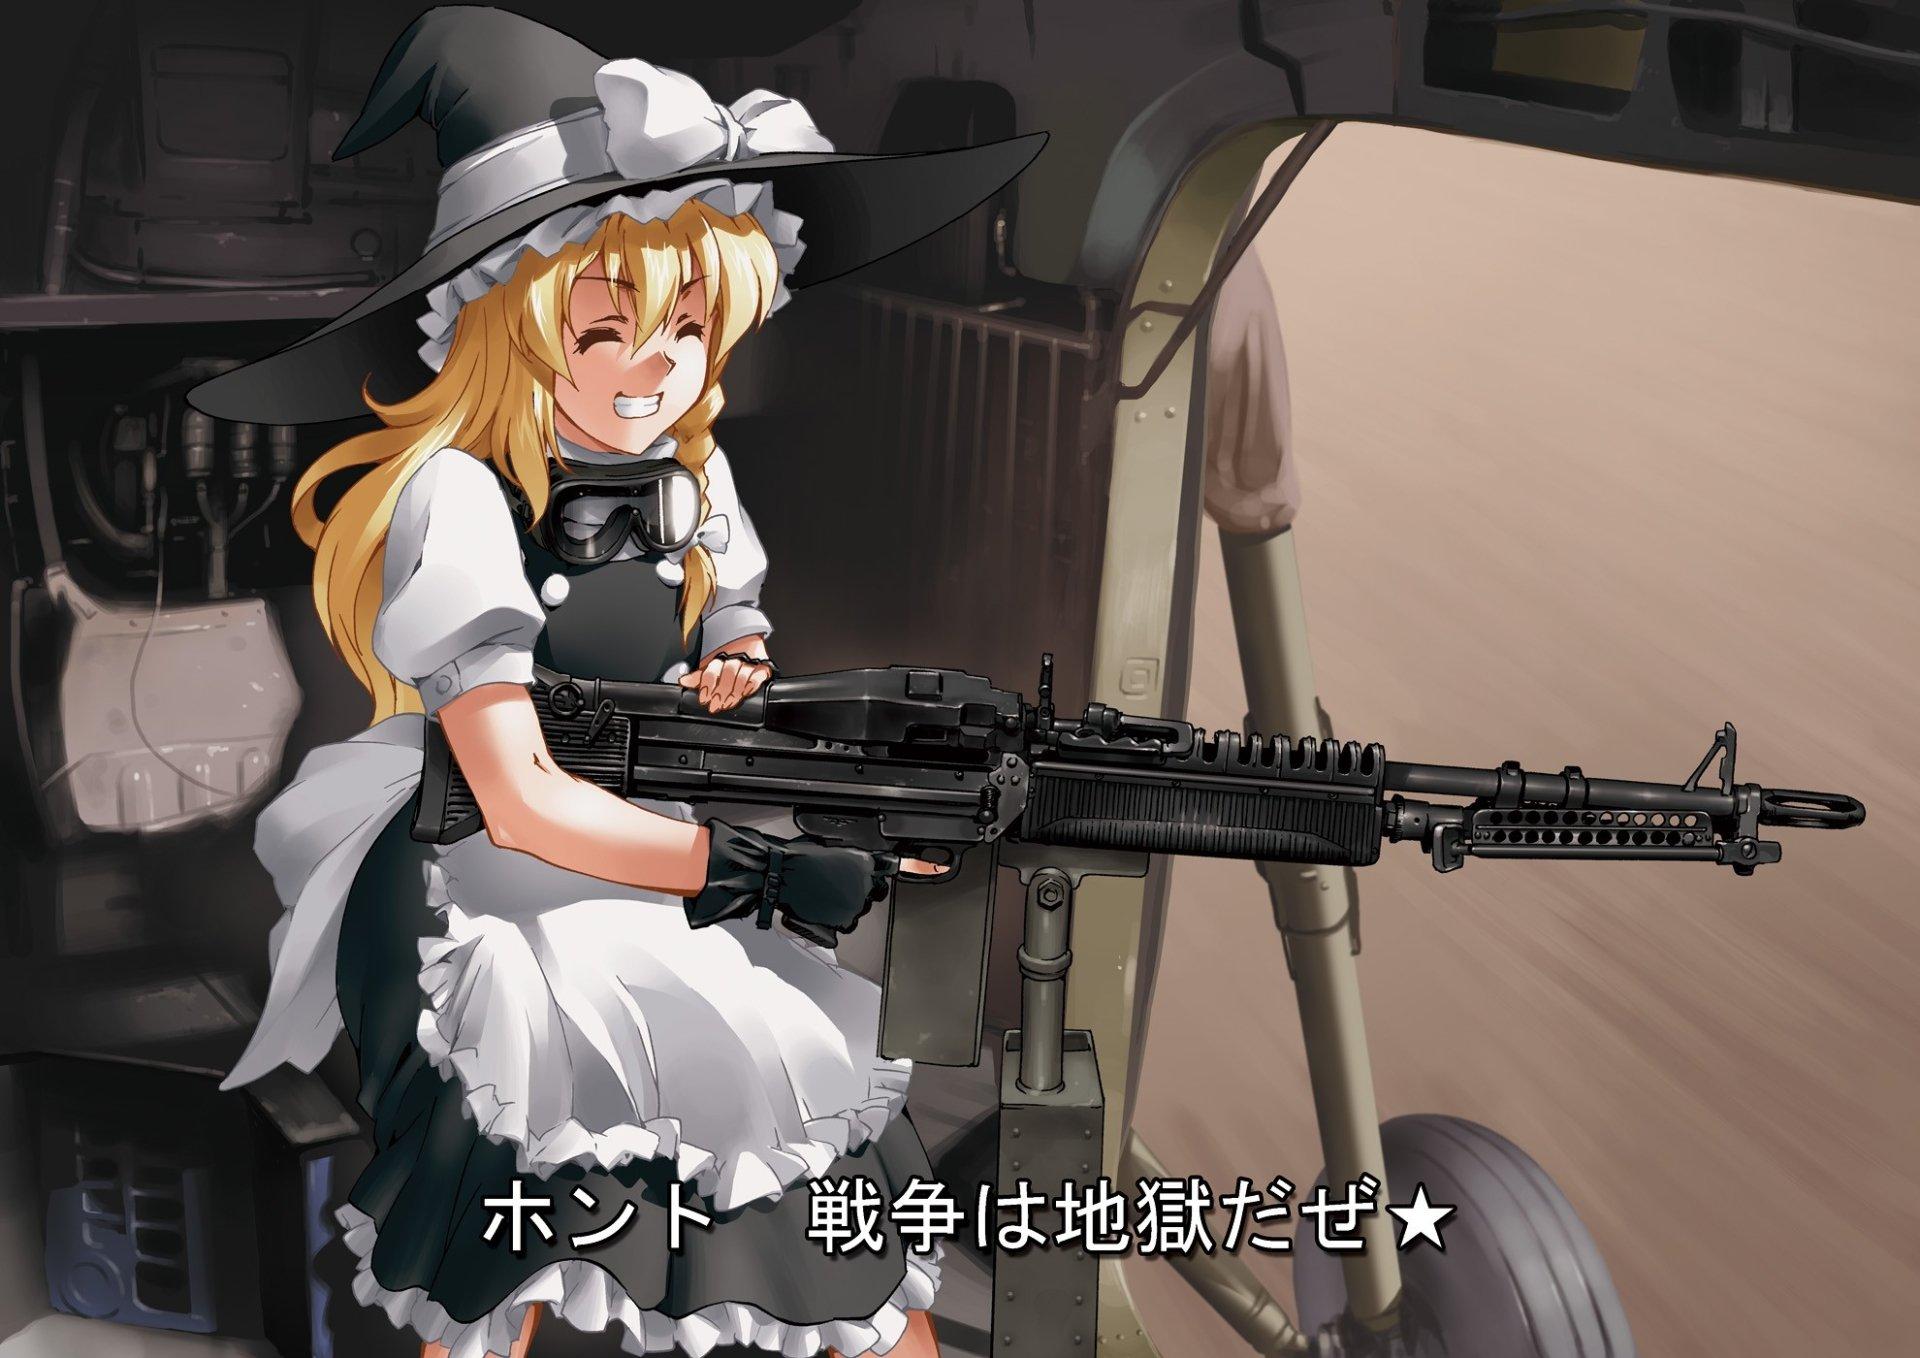 Anime - Touhou  Marisa Kirisame Wallpaper